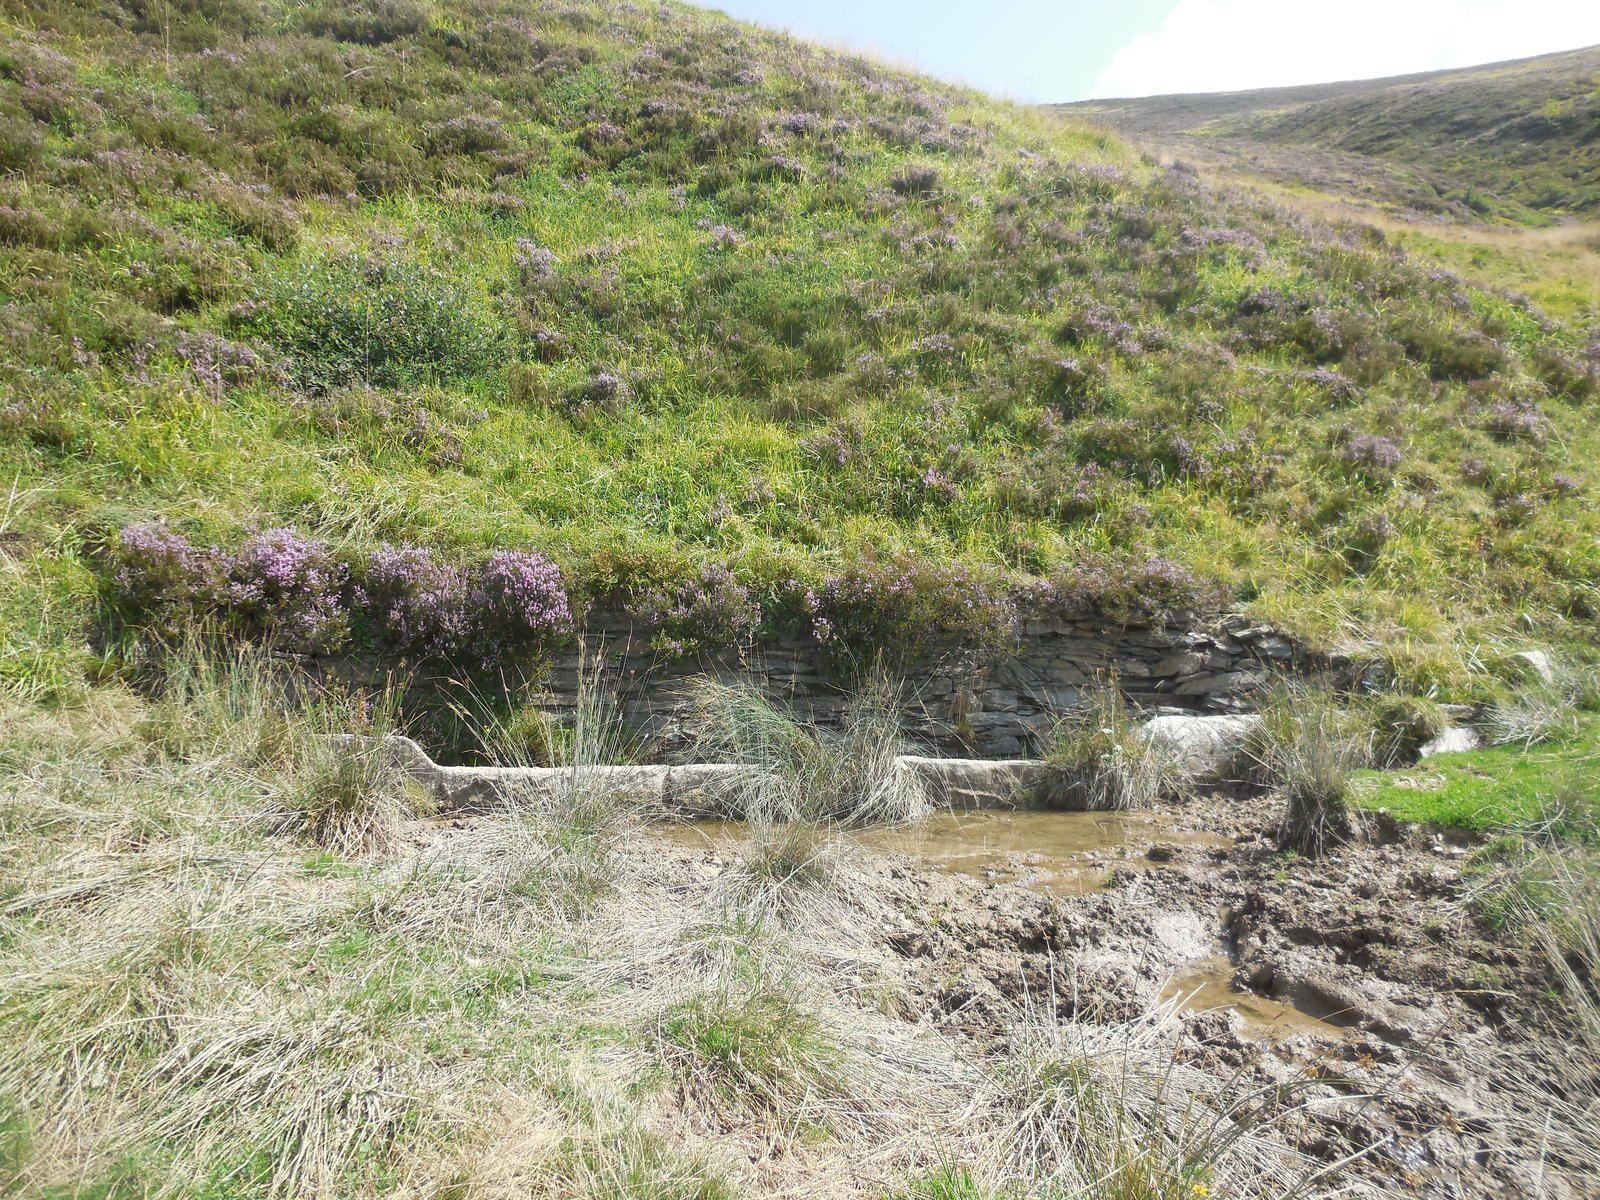 Après ce sentier à flanc de montagne, nous arrivons à la fontaine de Saunères, lieu de notre pique-nique.